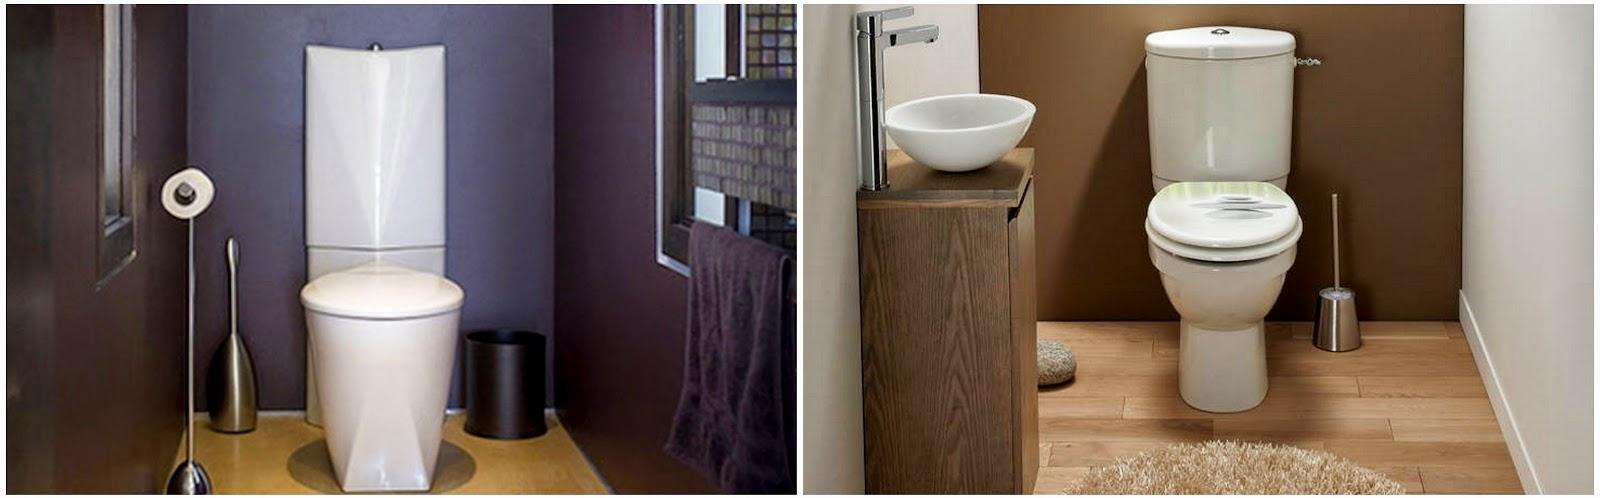 renovation travaux artisan peintre toilettes wc paris entreprise de peinture paris. Black Bedroom Furniture Sets. Home Design Ideas